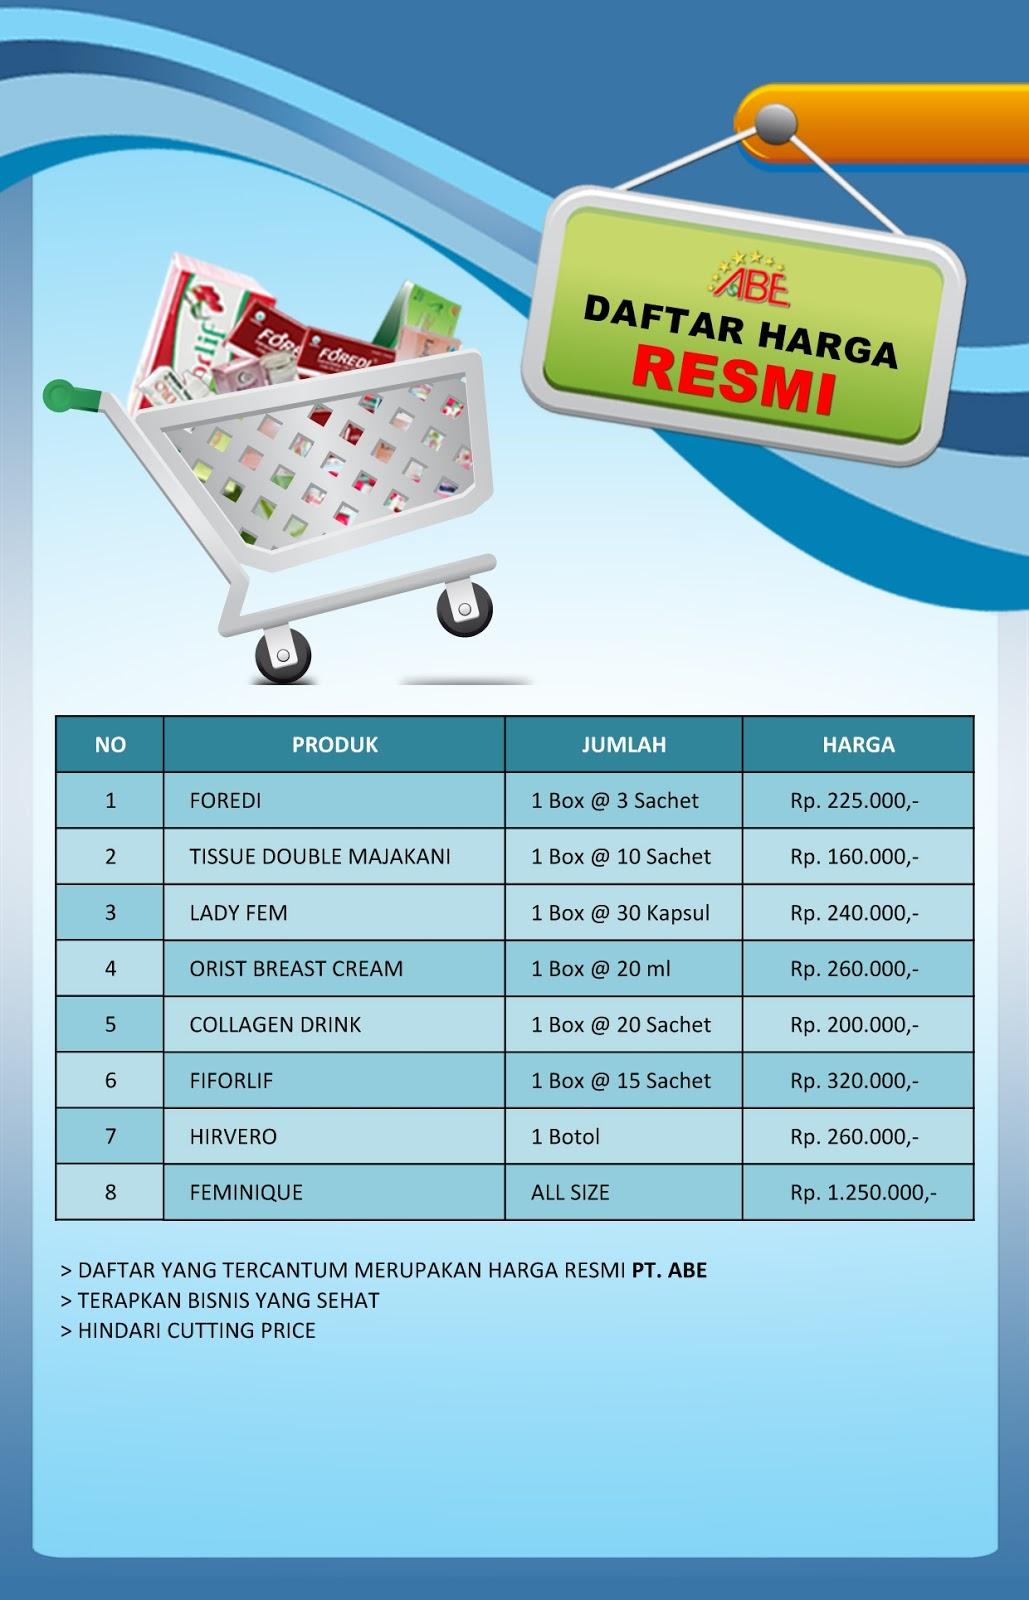 Daftar Harga Lengkap Produk ABE